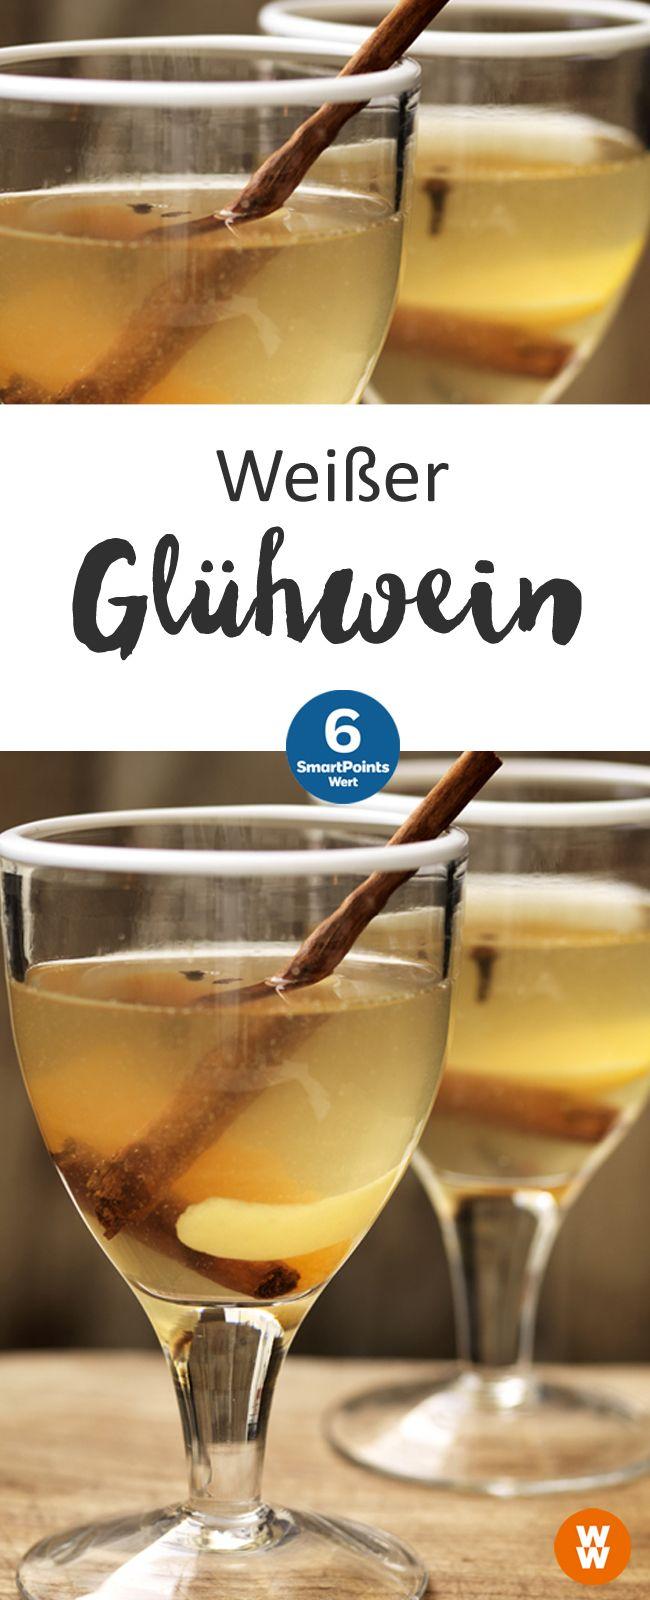 Weißer Glühwein | Rezept | Pinterest | Weißer glühwein, Glühwein und ...